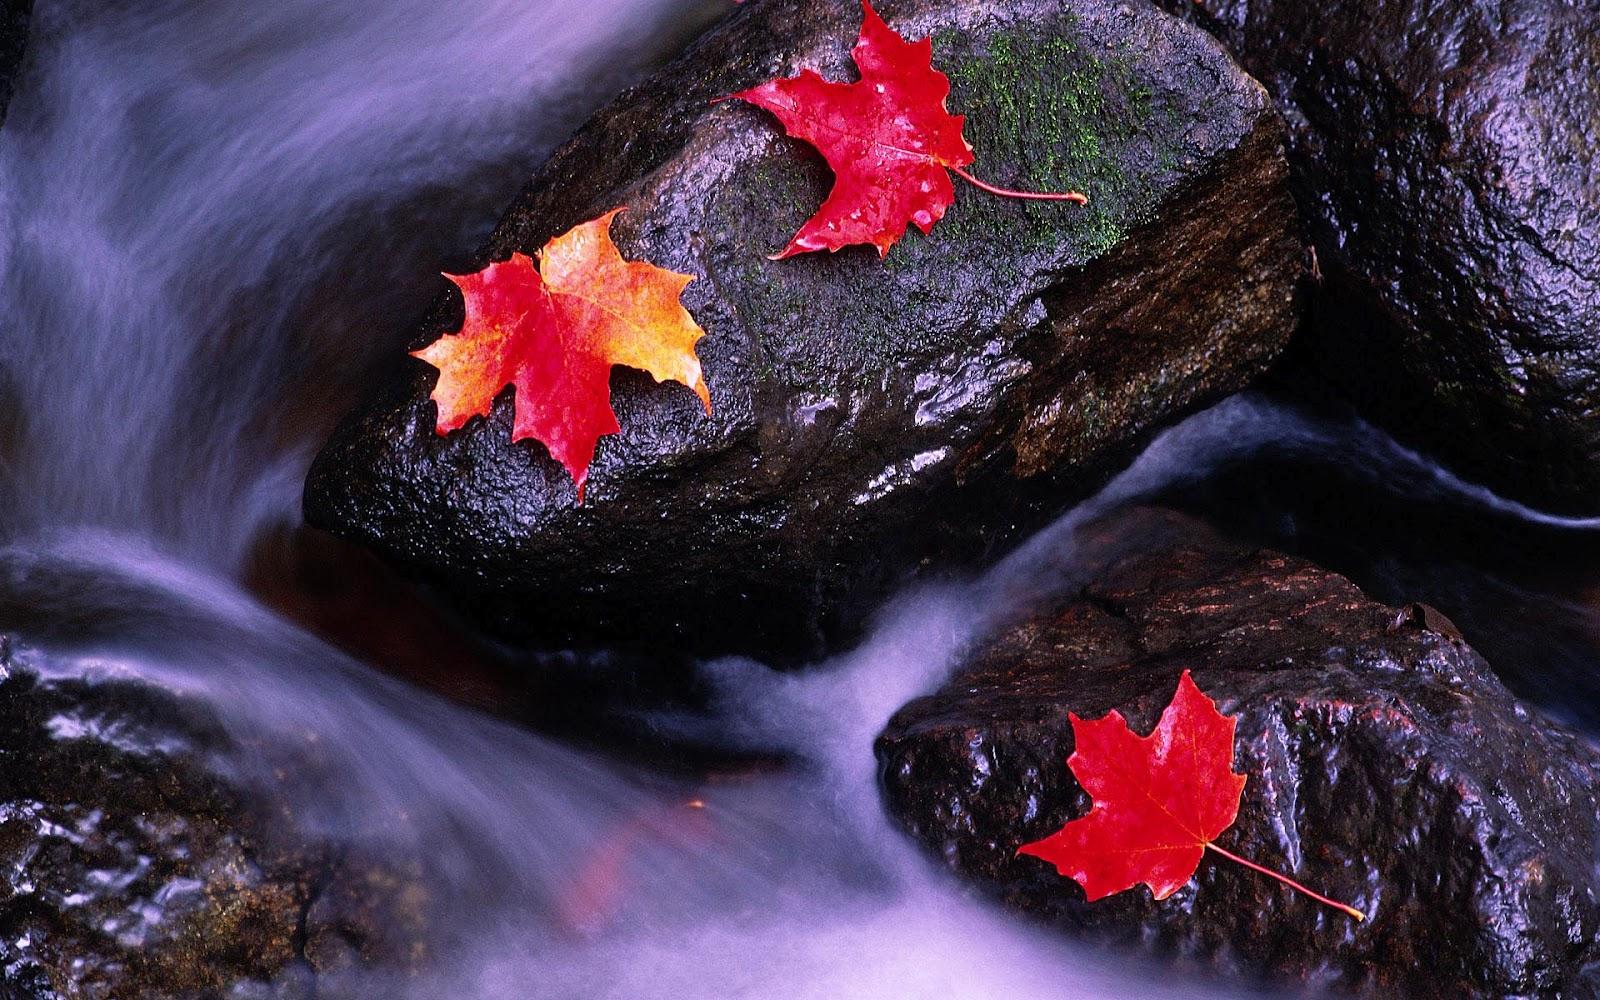 http://1.bp.blogspot.com/-c8lrVkZDdys/UCAcFB1lH0I/AAAAAAAAEb4/fVU0I6wrwmA/s1600/hd-herfst-wallpaper-met-herfstbladeren-op-rotsen-en-water-herfst-achtergrond.jpg